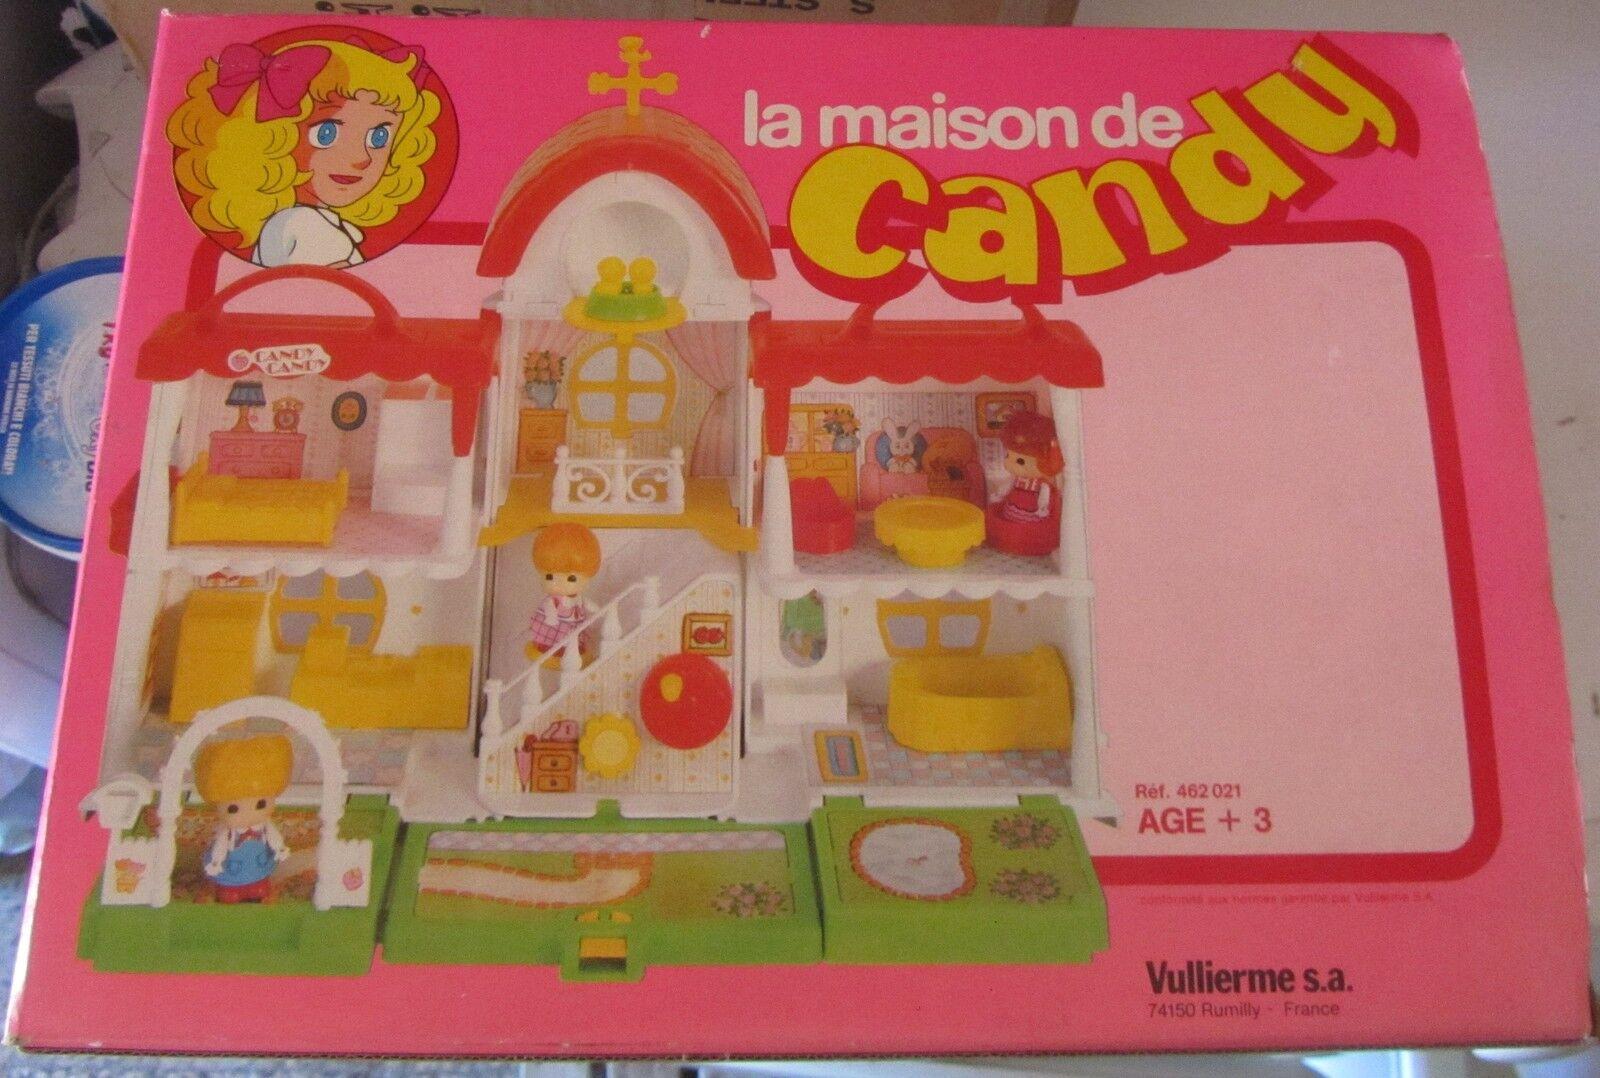 más descuento La Maison de Candy Candy figure figure figure Koeda Chan playset bambole mini Vullierme TOEI  cómodo